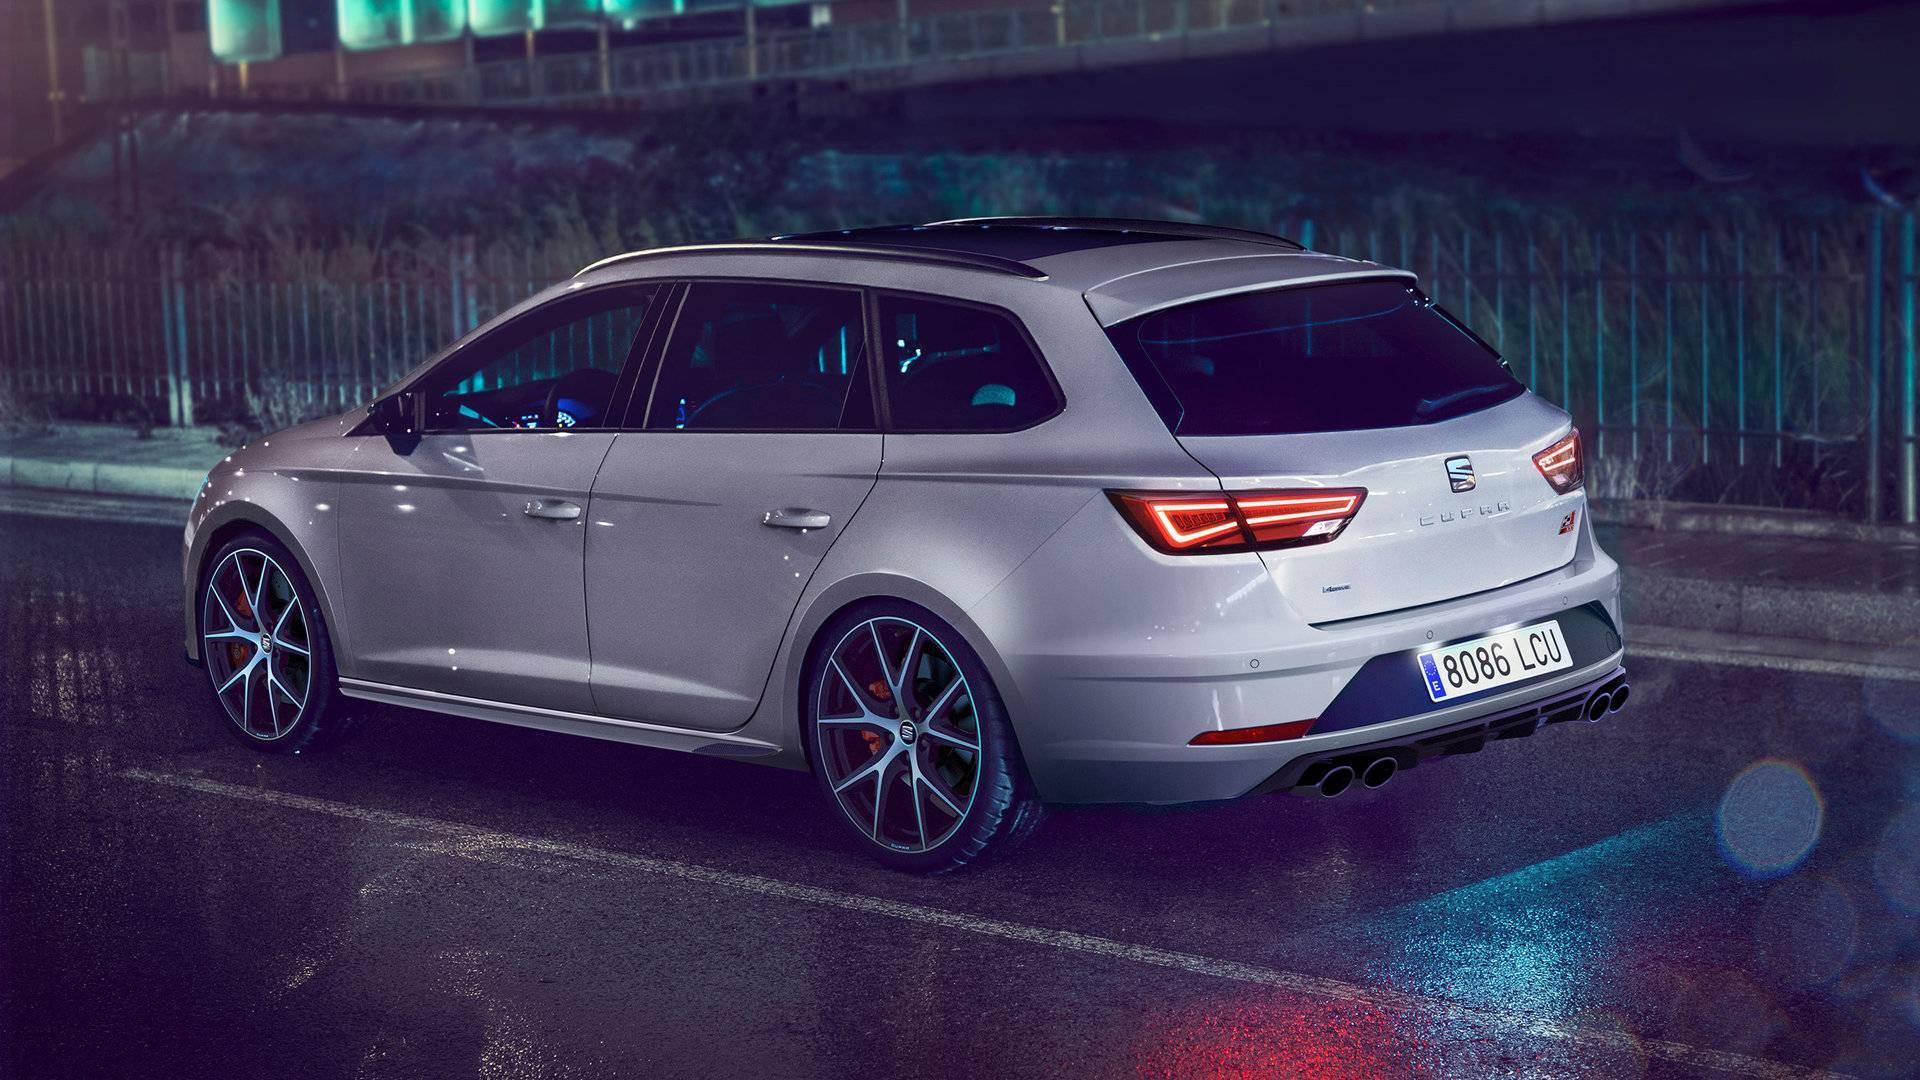 SEAT revela el León ST Cupra Carbon Edition, solo para Reino Unido